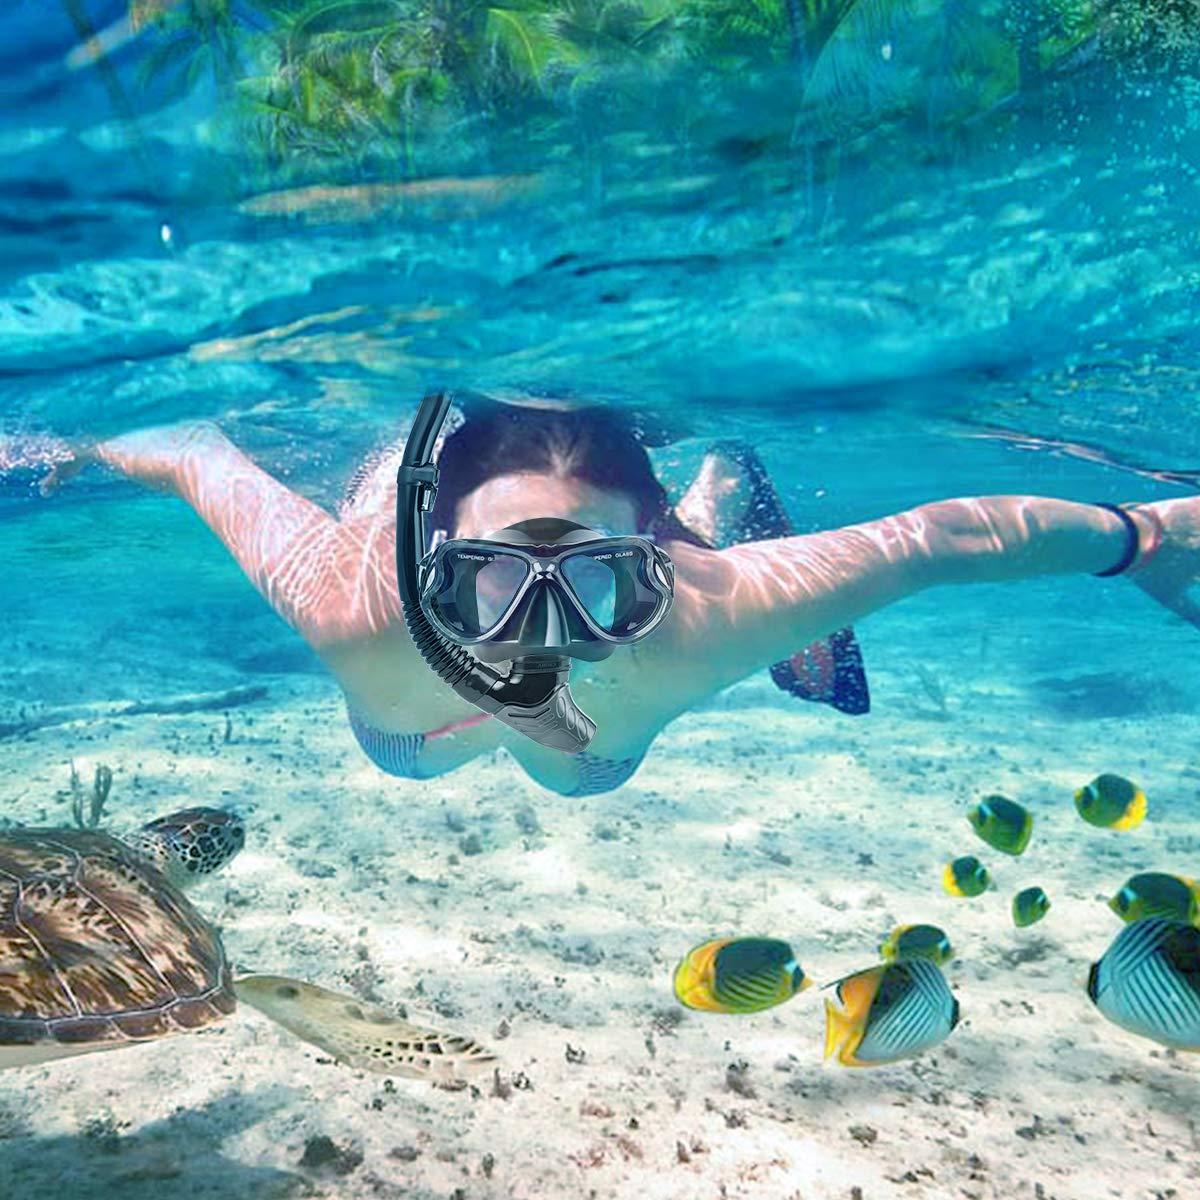 Charlemain Set Snorkeling, Anti-Fog Maschera Snorkeling con Panoramica a 180 Gradi e Boccaglio Snorkel, Kit Snorkeling Professionale per Adulti